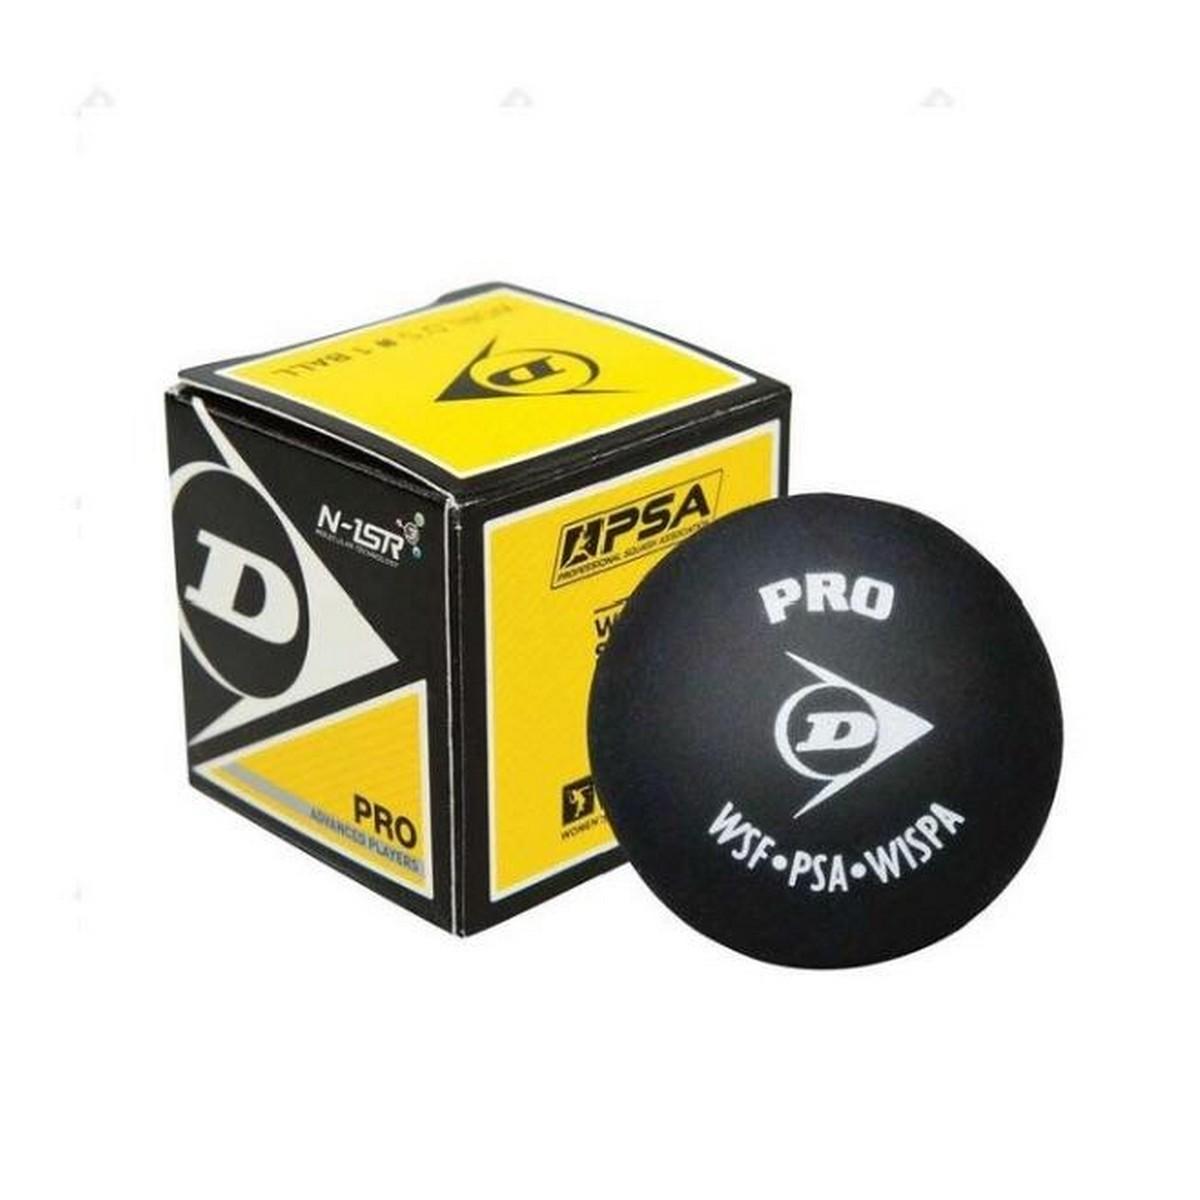 Dunlop Squash Ball (Double dot)